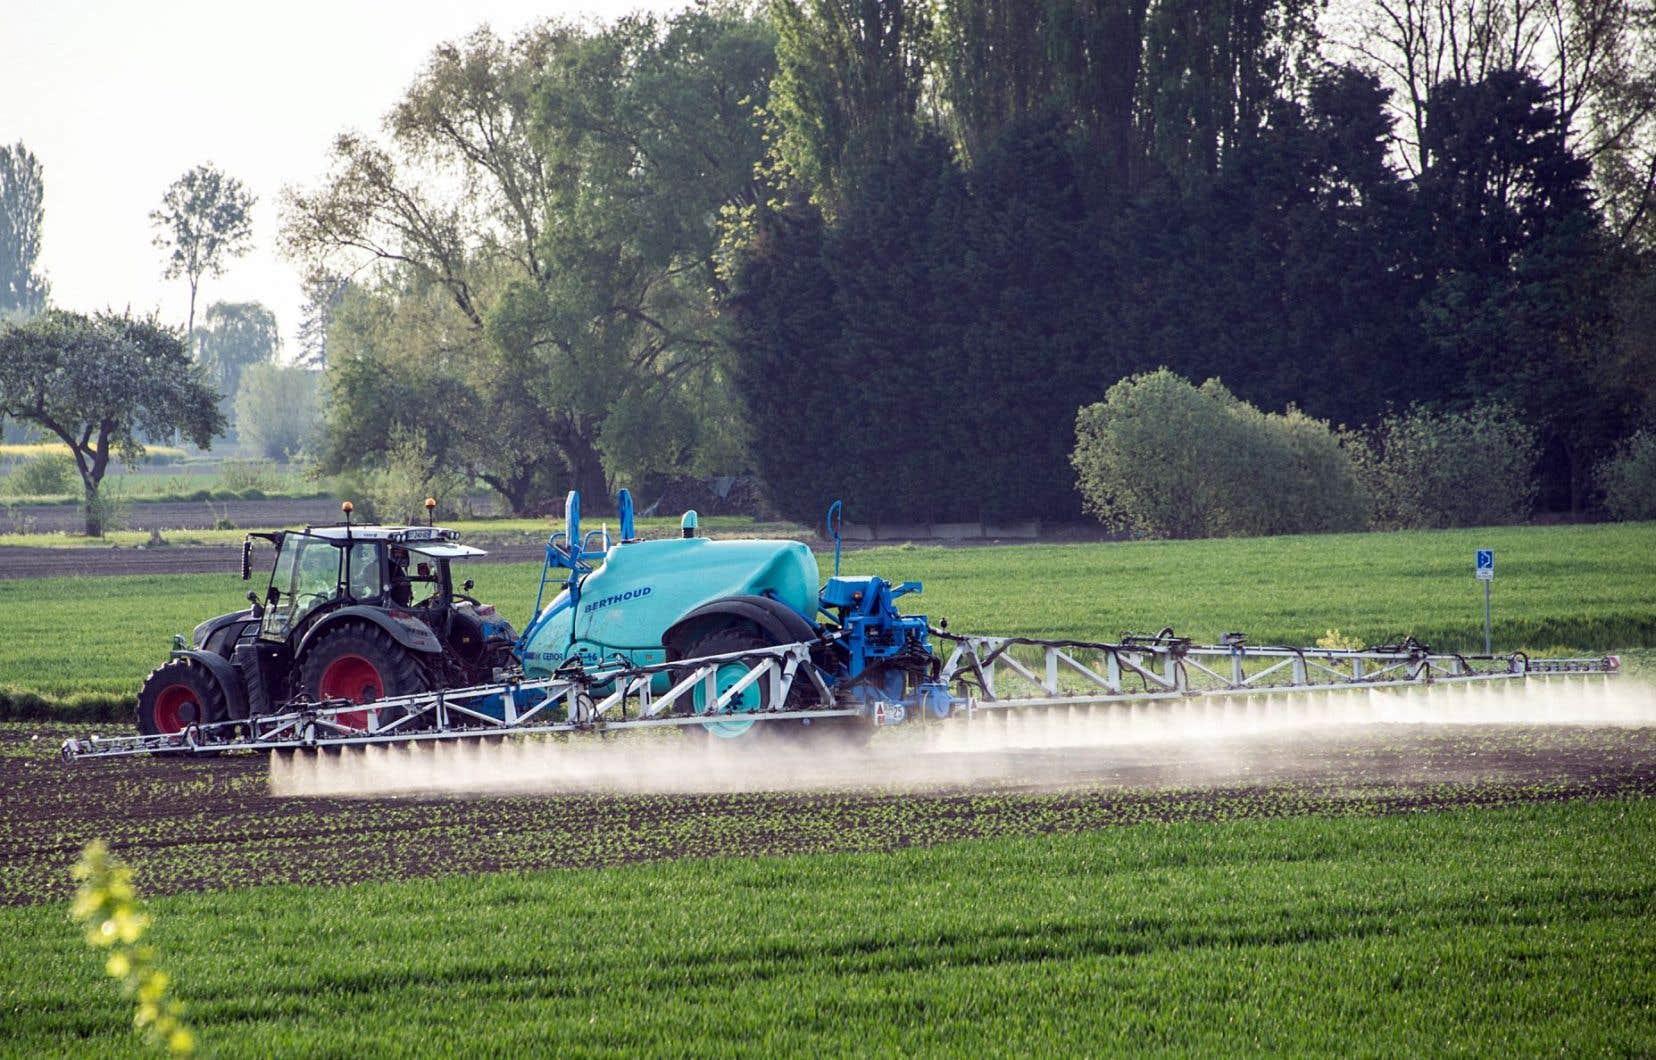 Un agriculteur épand des pesticides dans un champ pour protéger ses cultures.